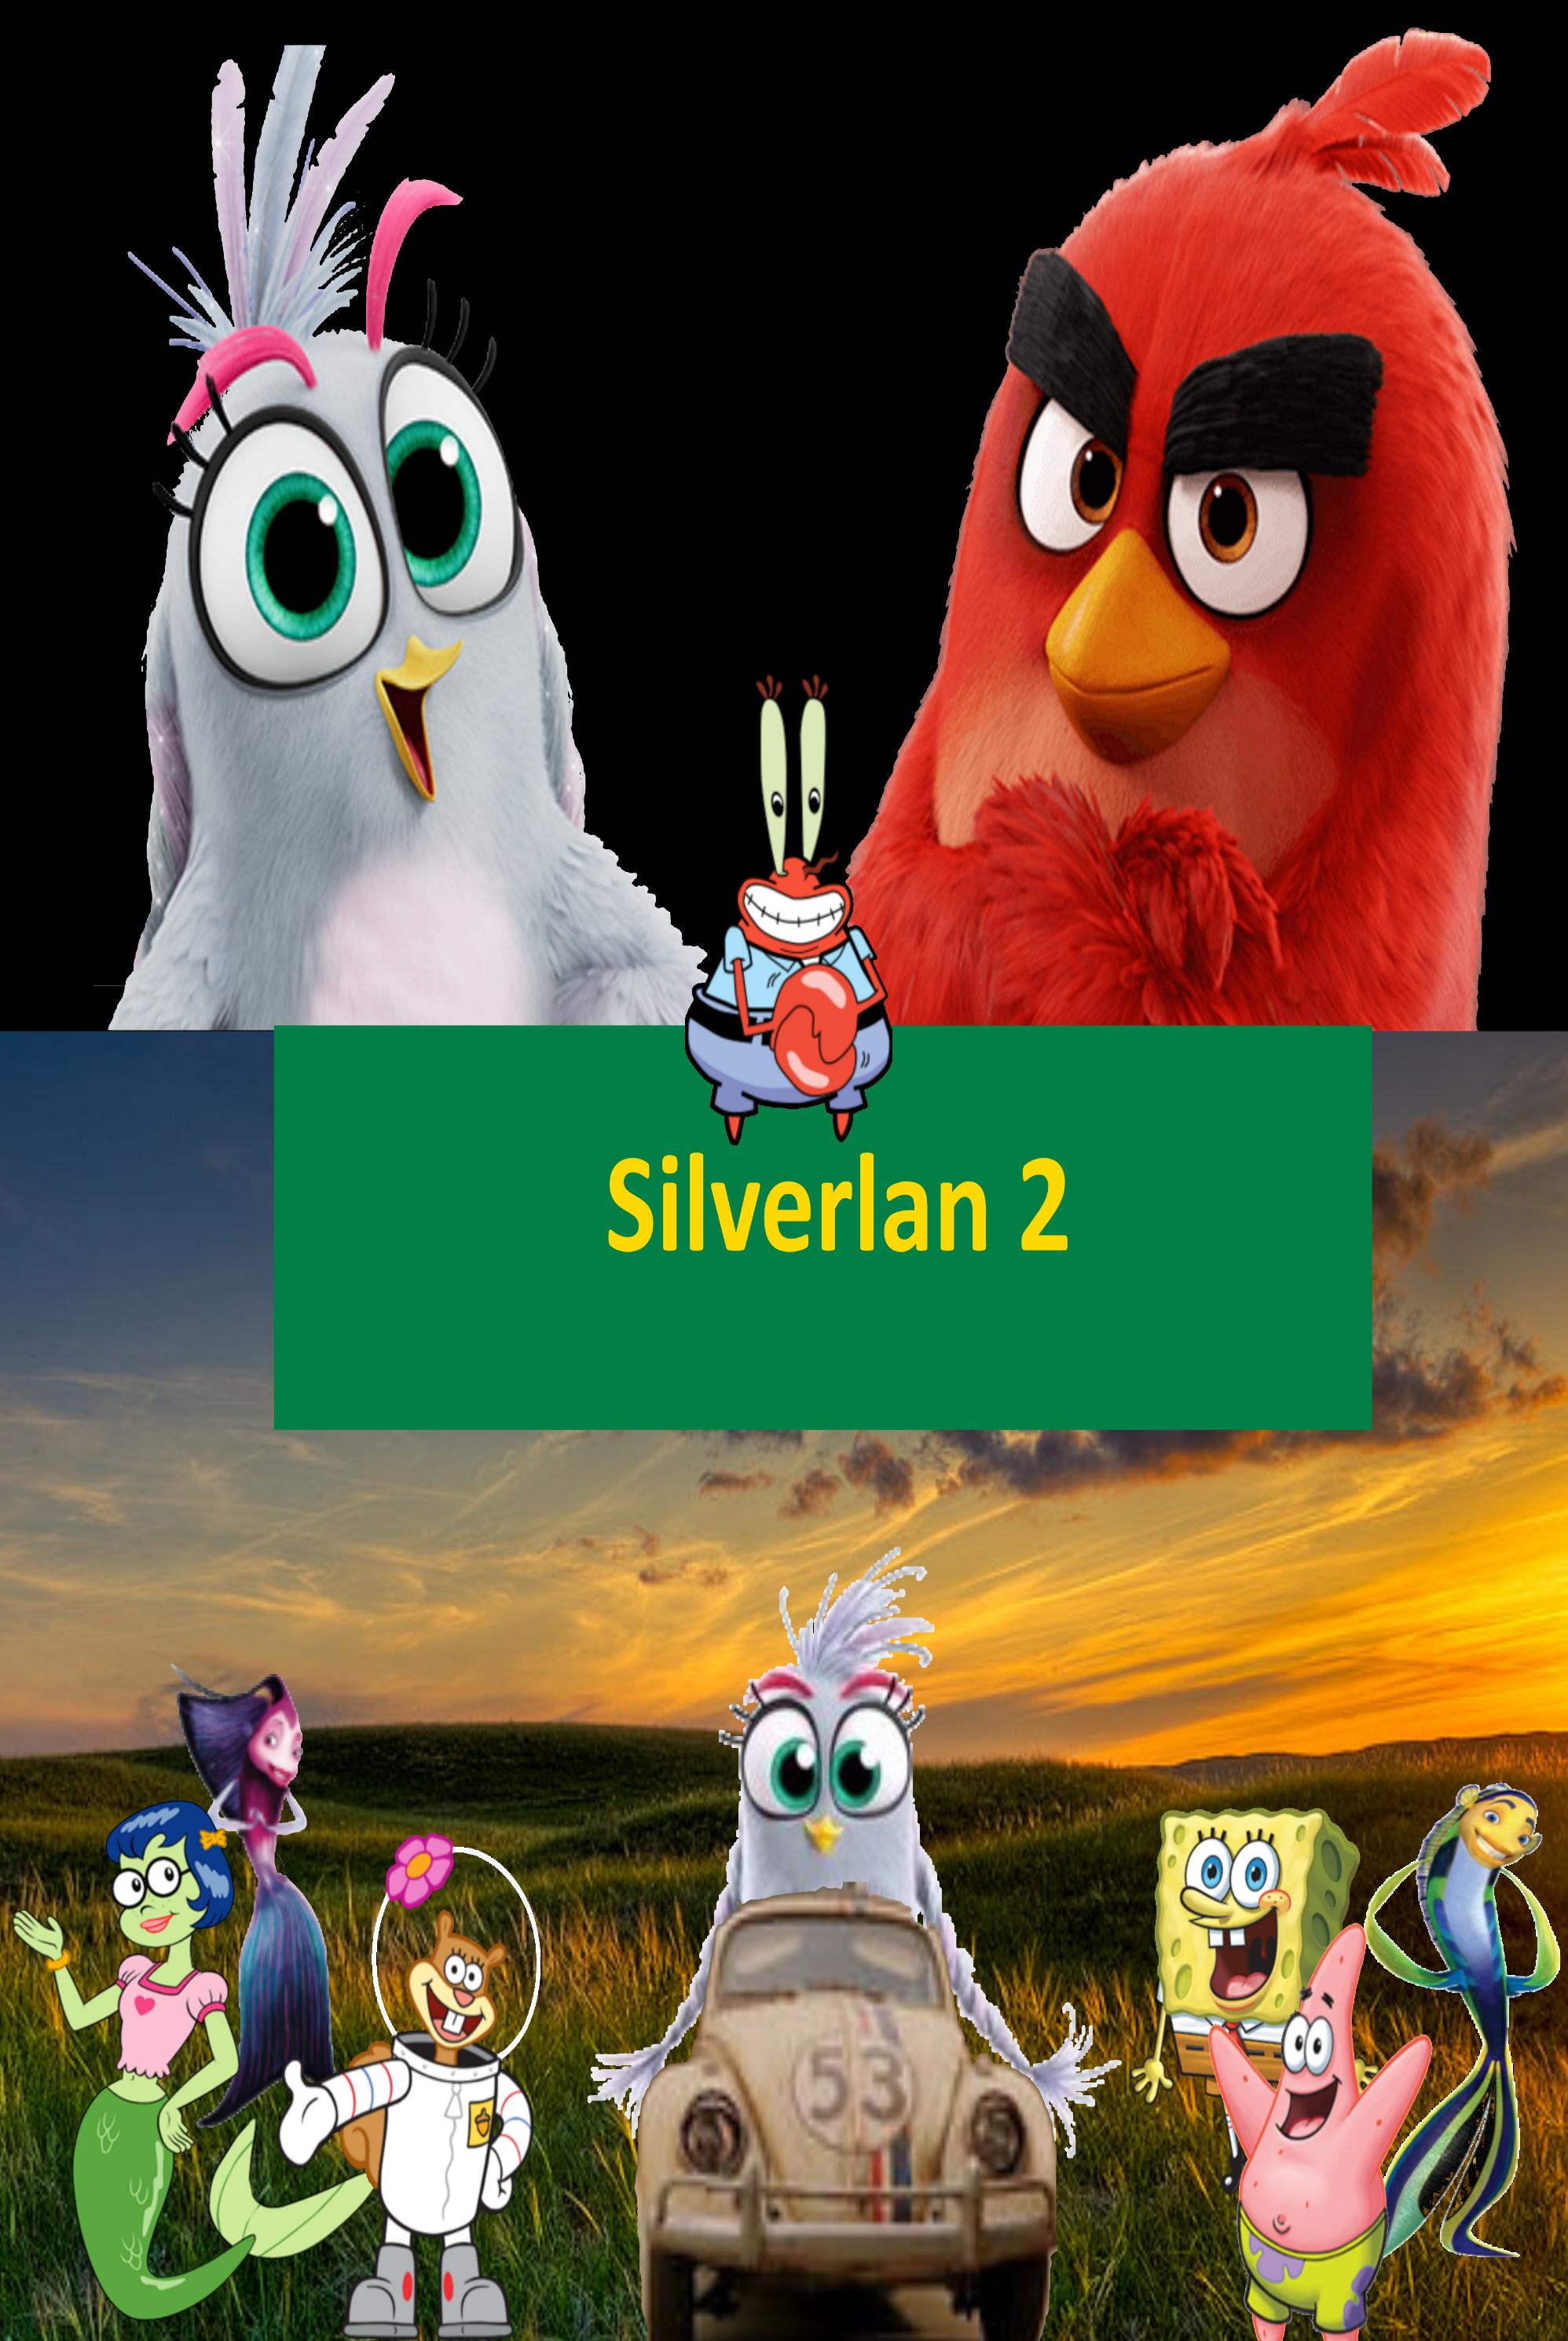 Silverlan 2